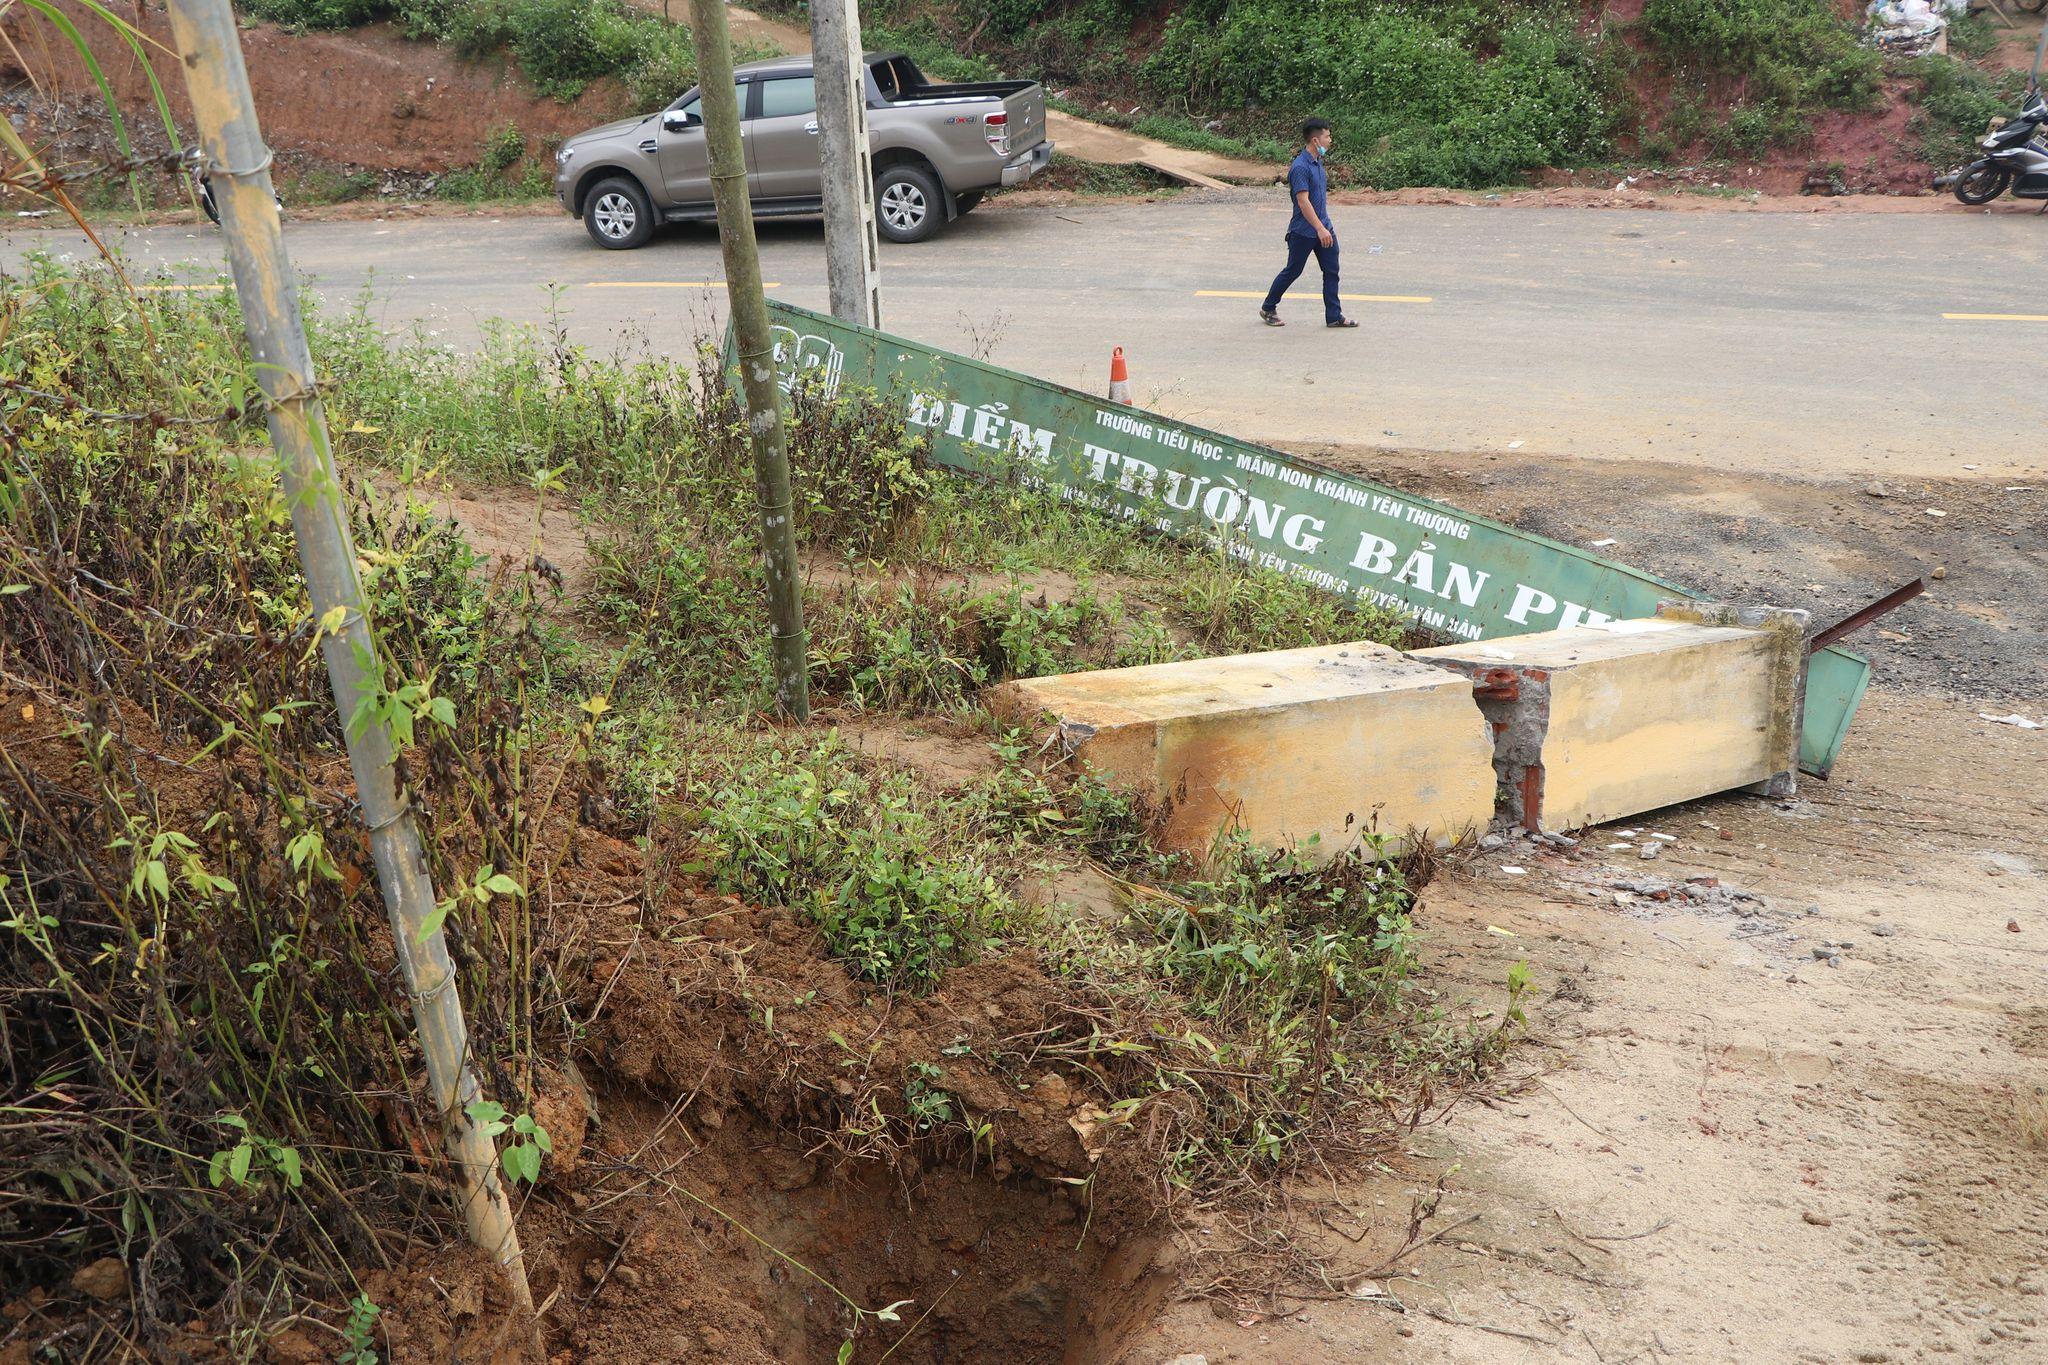 Trường mầm non Khánh Yên Thượng, khu vực xảy ra vụ đổ sập cổng trường nằm trên nền đất dốc, đường đi có độ dốc lớn.